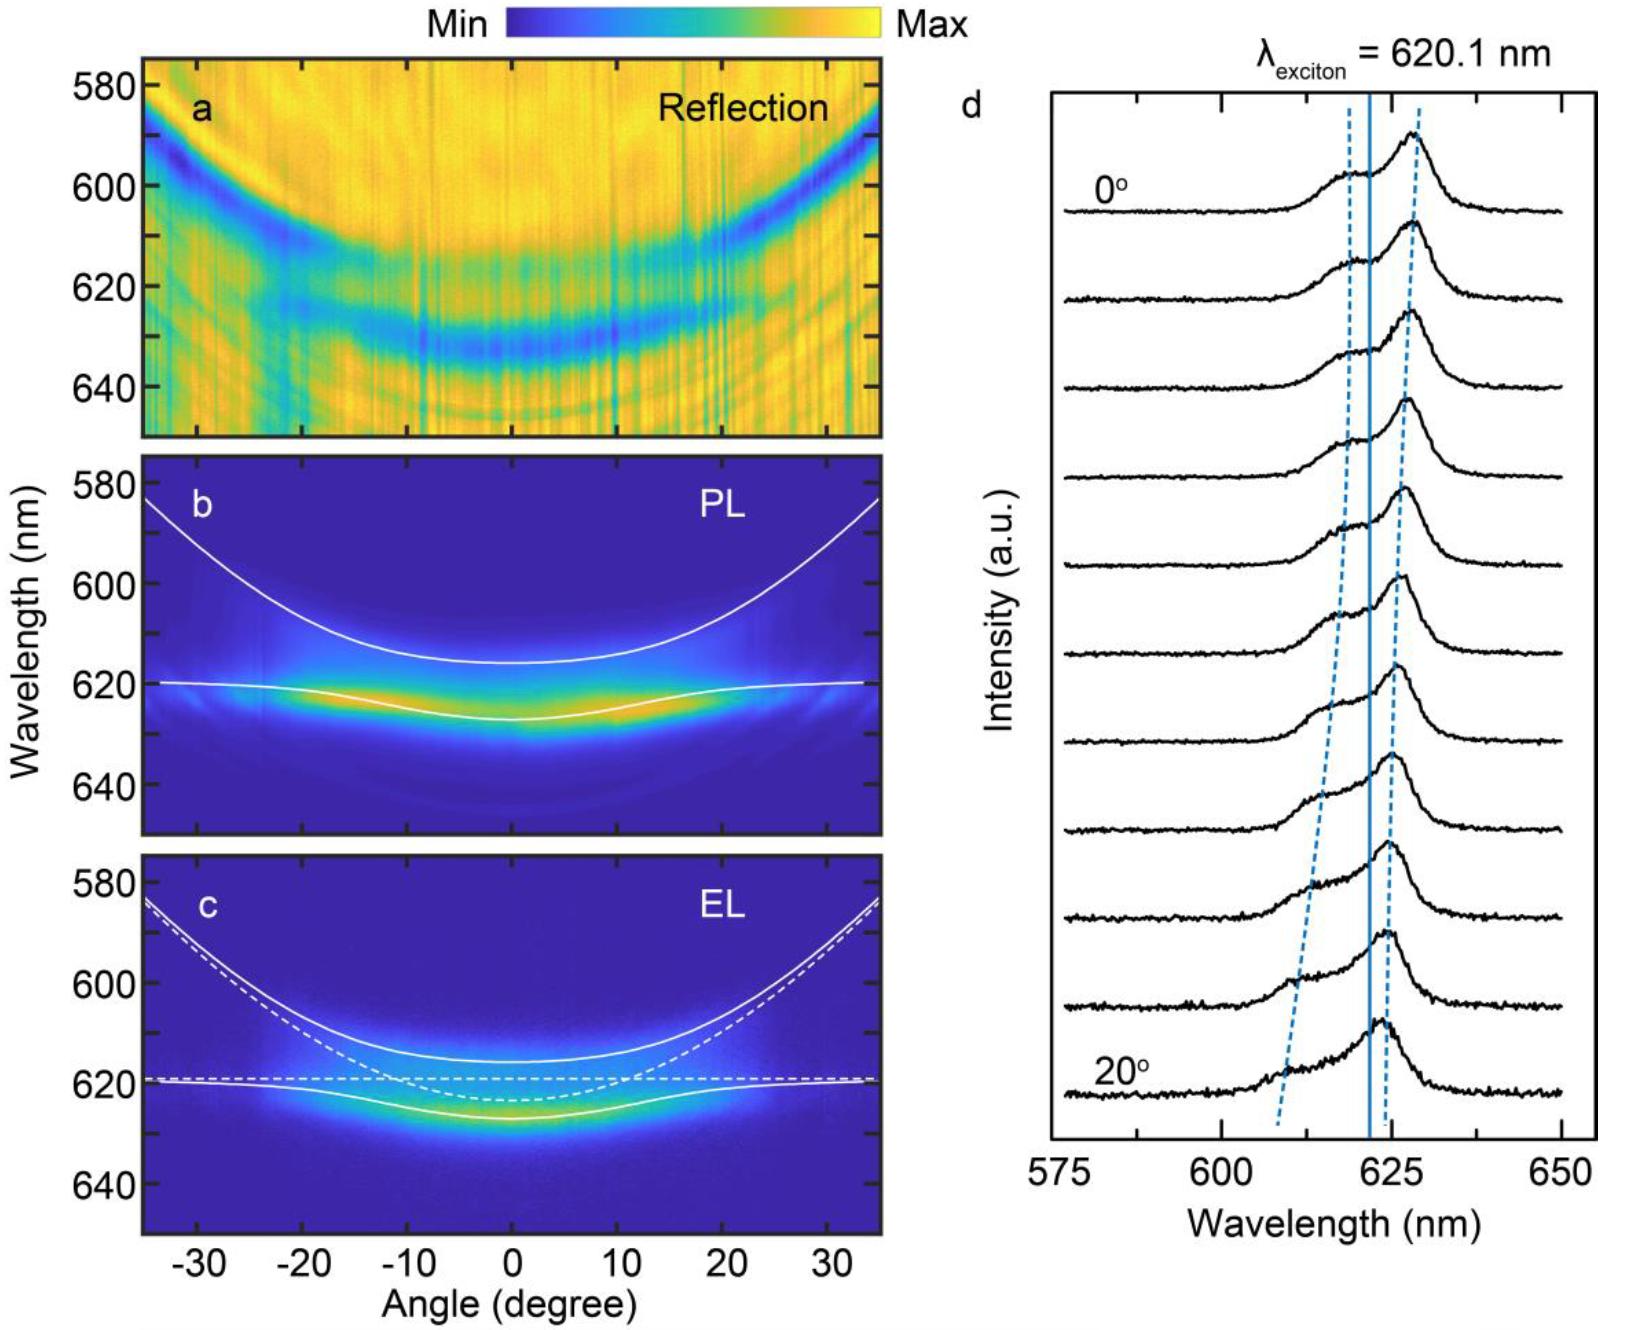 Будущее Li-Fi: поляритоны, экситоны, фотоны и немного дисульфида вольфрама - 3